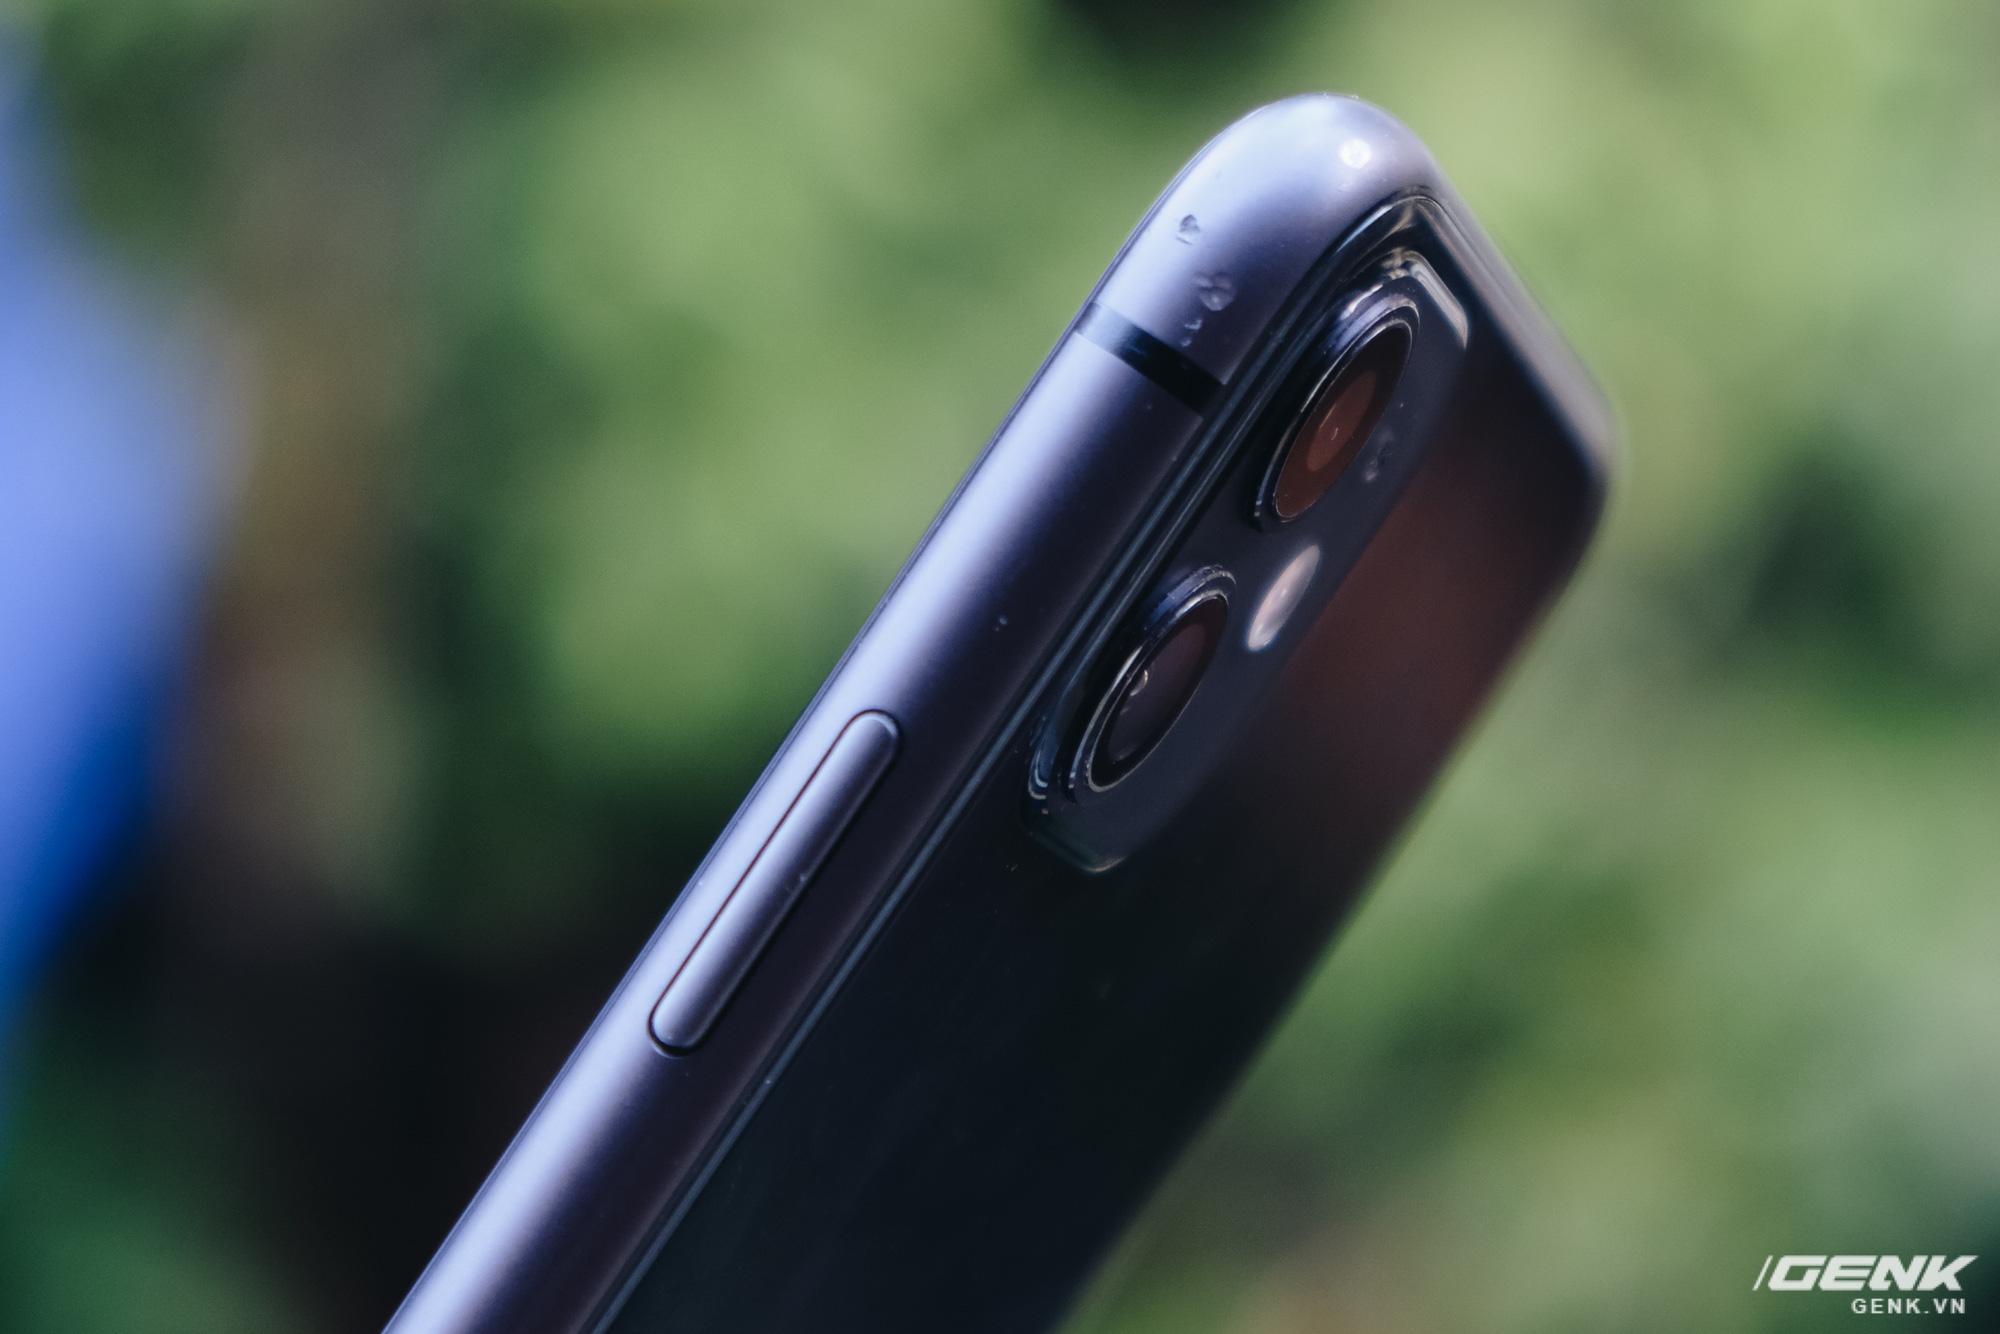 Mua iPhone 11 giá rẻ, tôi đã nhận phải quả đắng như thế nào? - Ảnh 3.